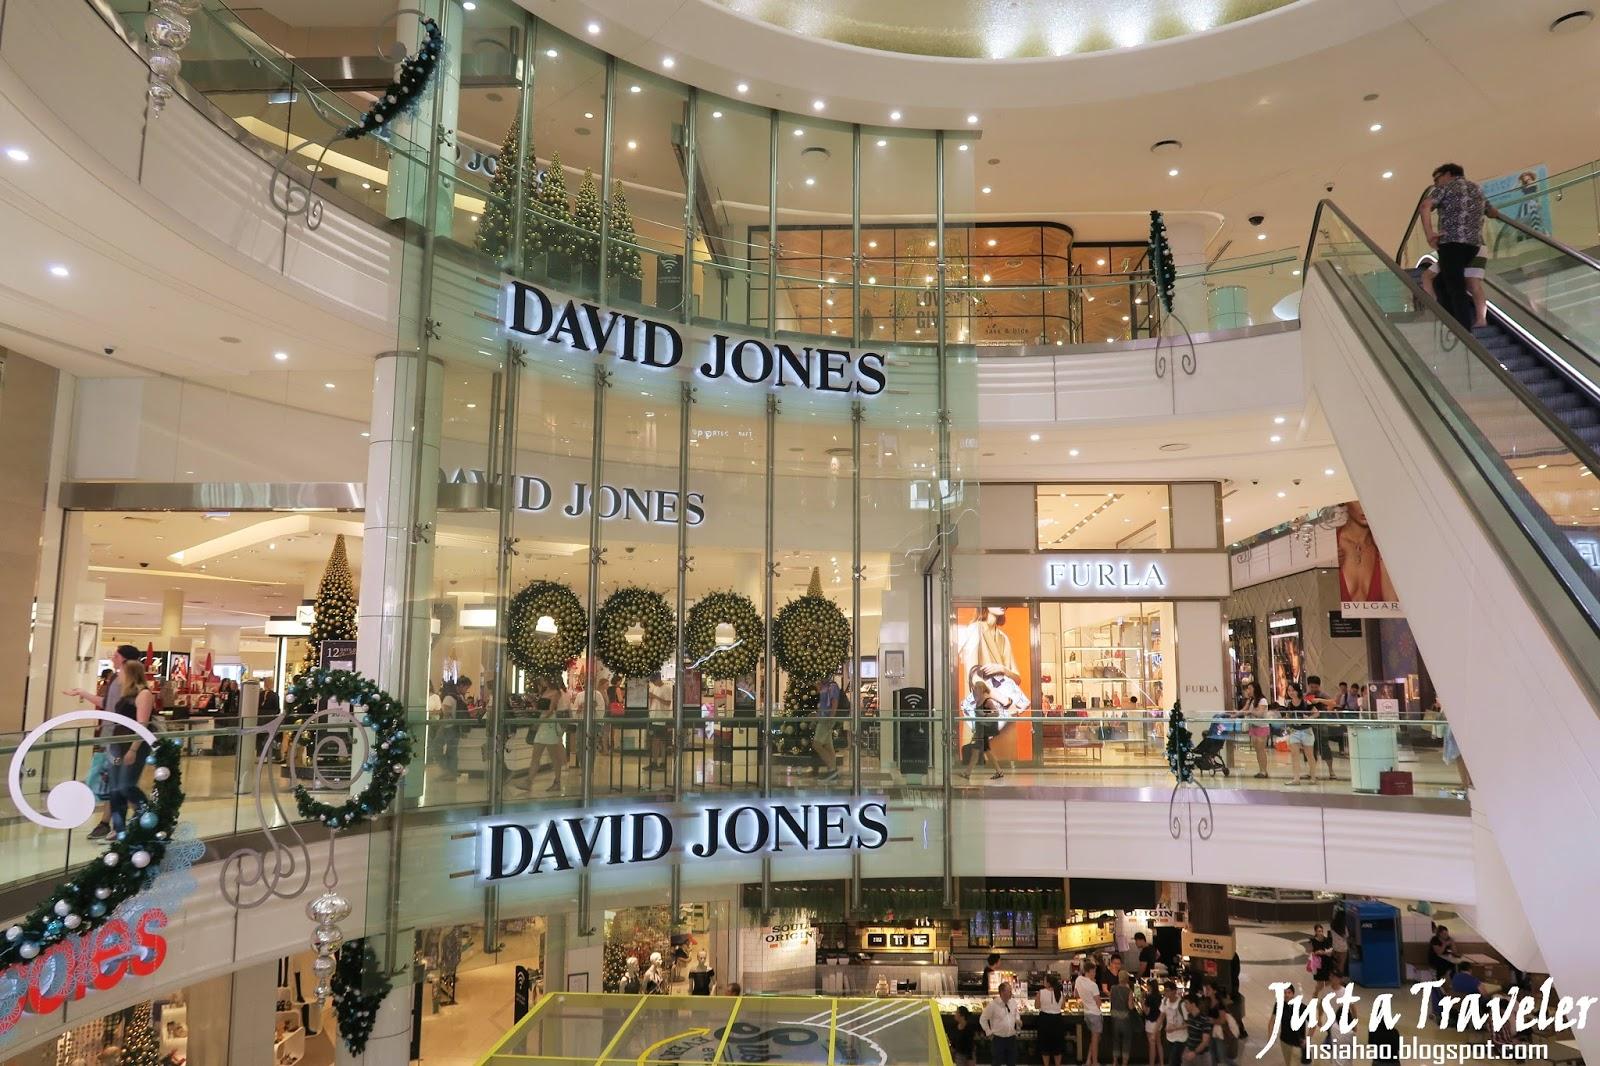 布里斯本-景點-推薦-皇后街-女王街-逛街購物-David-Jones-旅遊-自由行-澳洲-Brisbane-Queen-Street-Travel-Tourist-Attraction-Australia